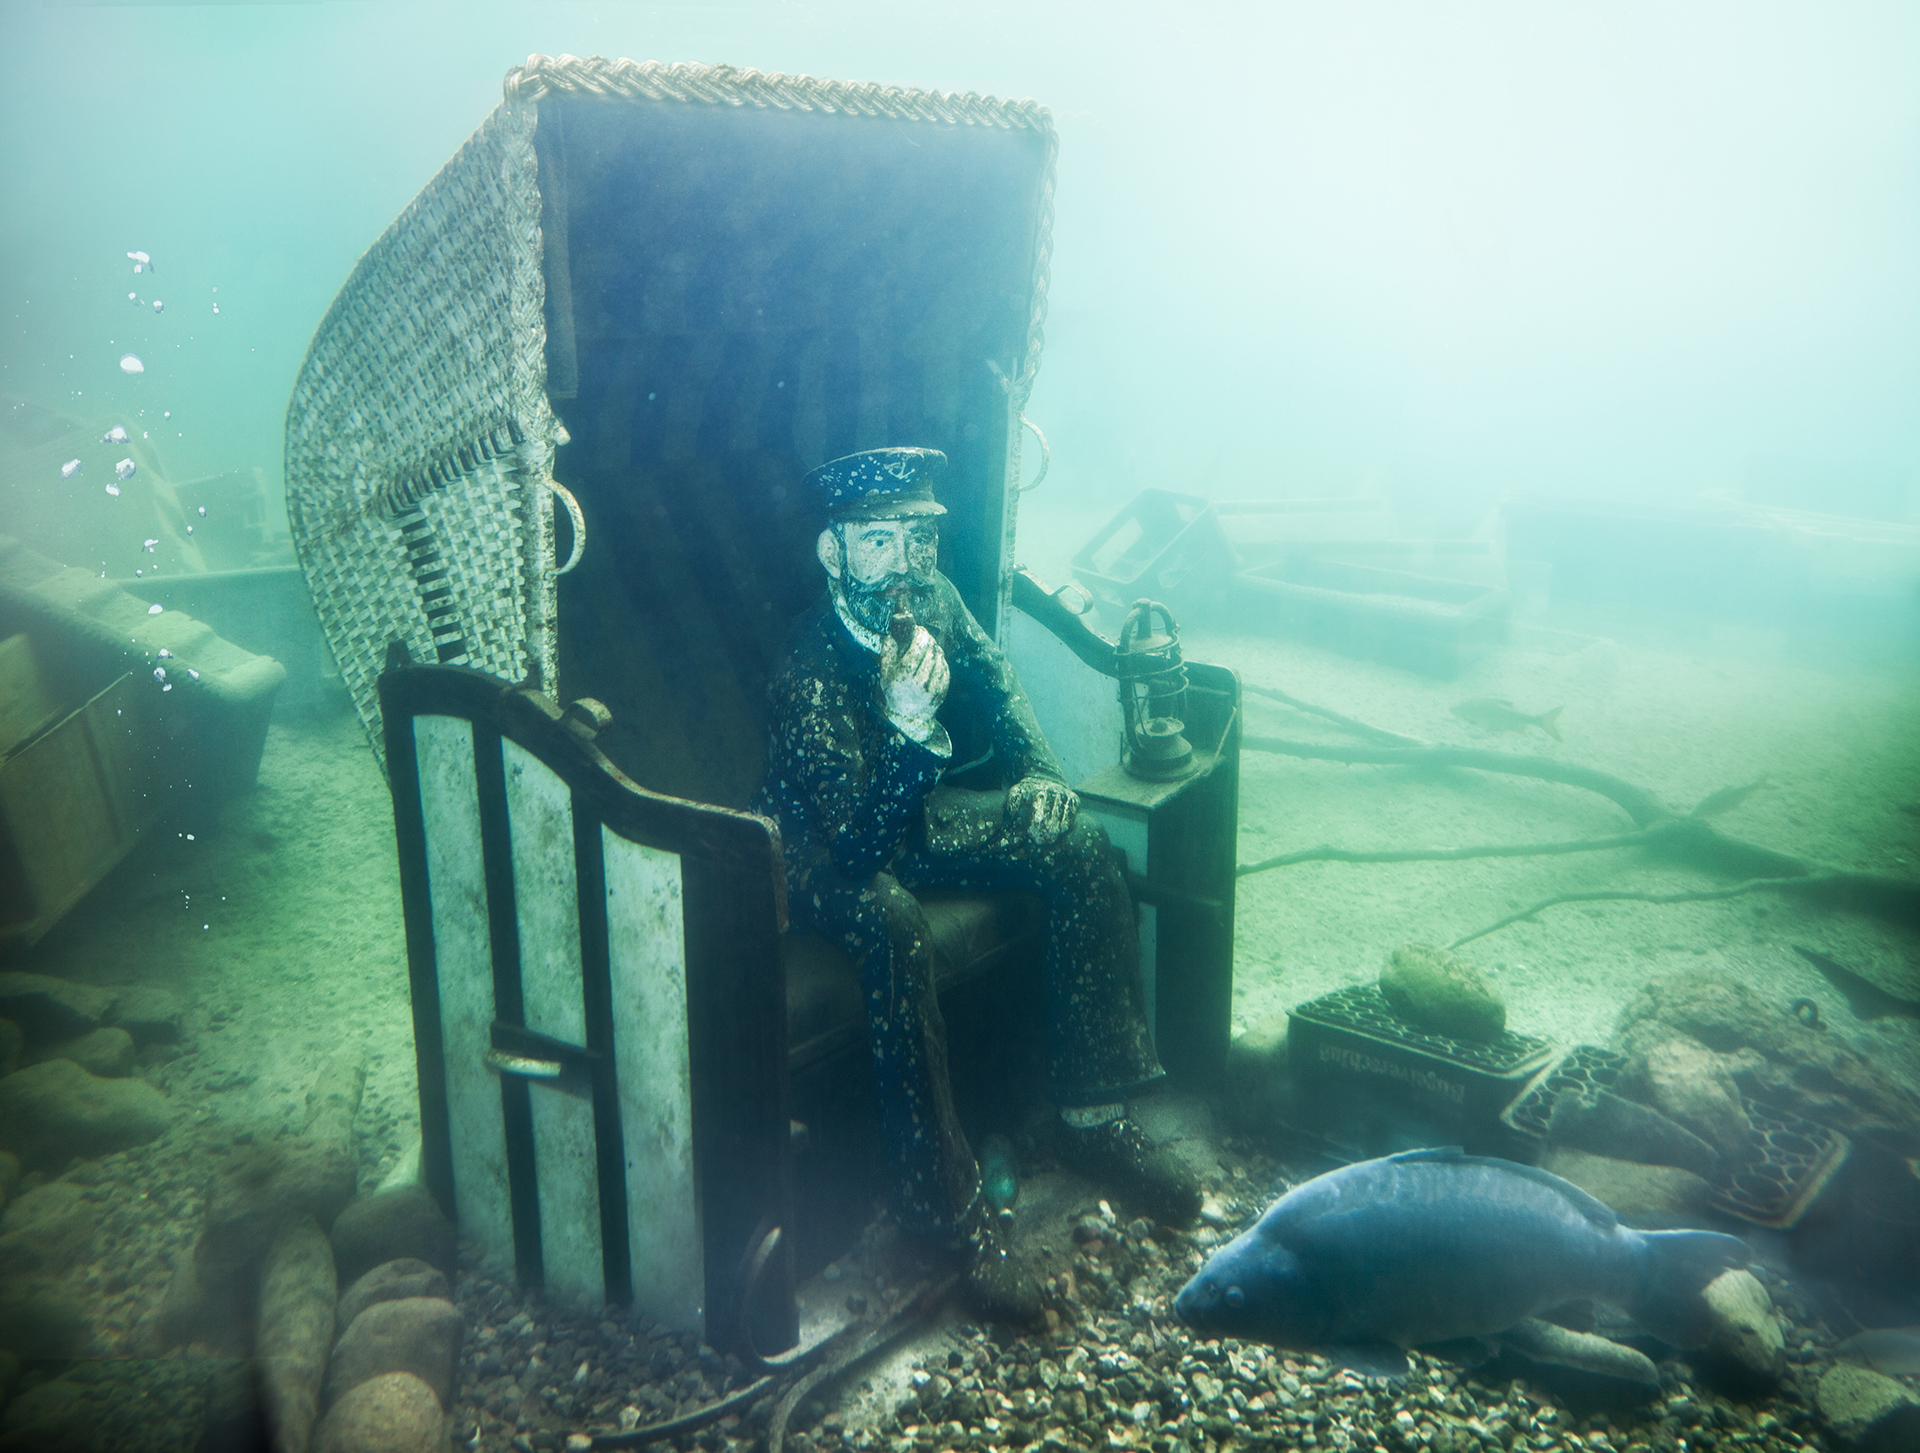 Seemann unter Wasser im Erlebnis-Aquarium Rövershagen